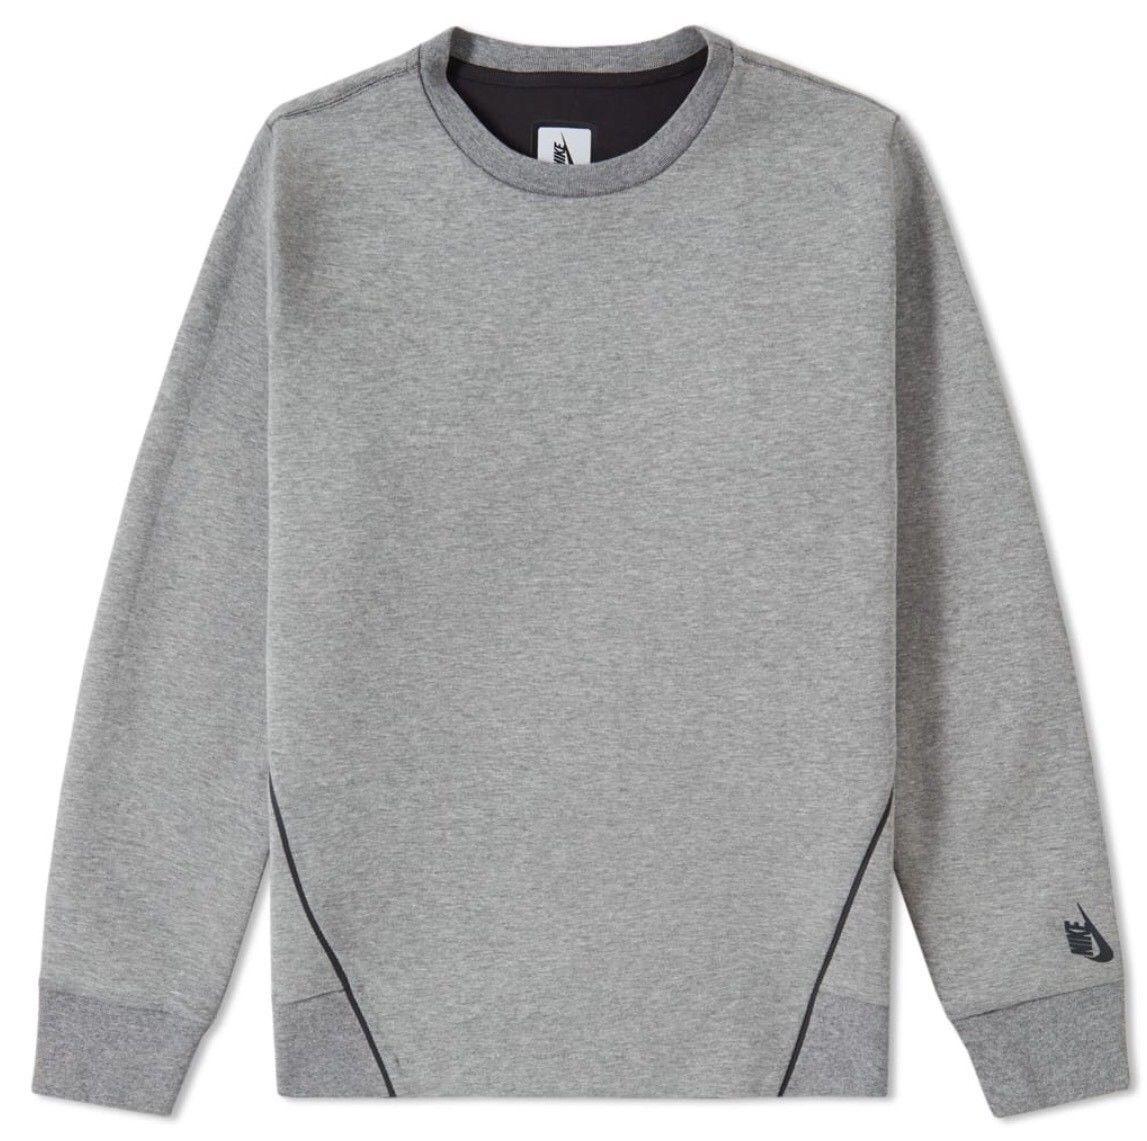 904db7586 Nike Nike Lab Essentials Heather Grey Black and 50 similar items